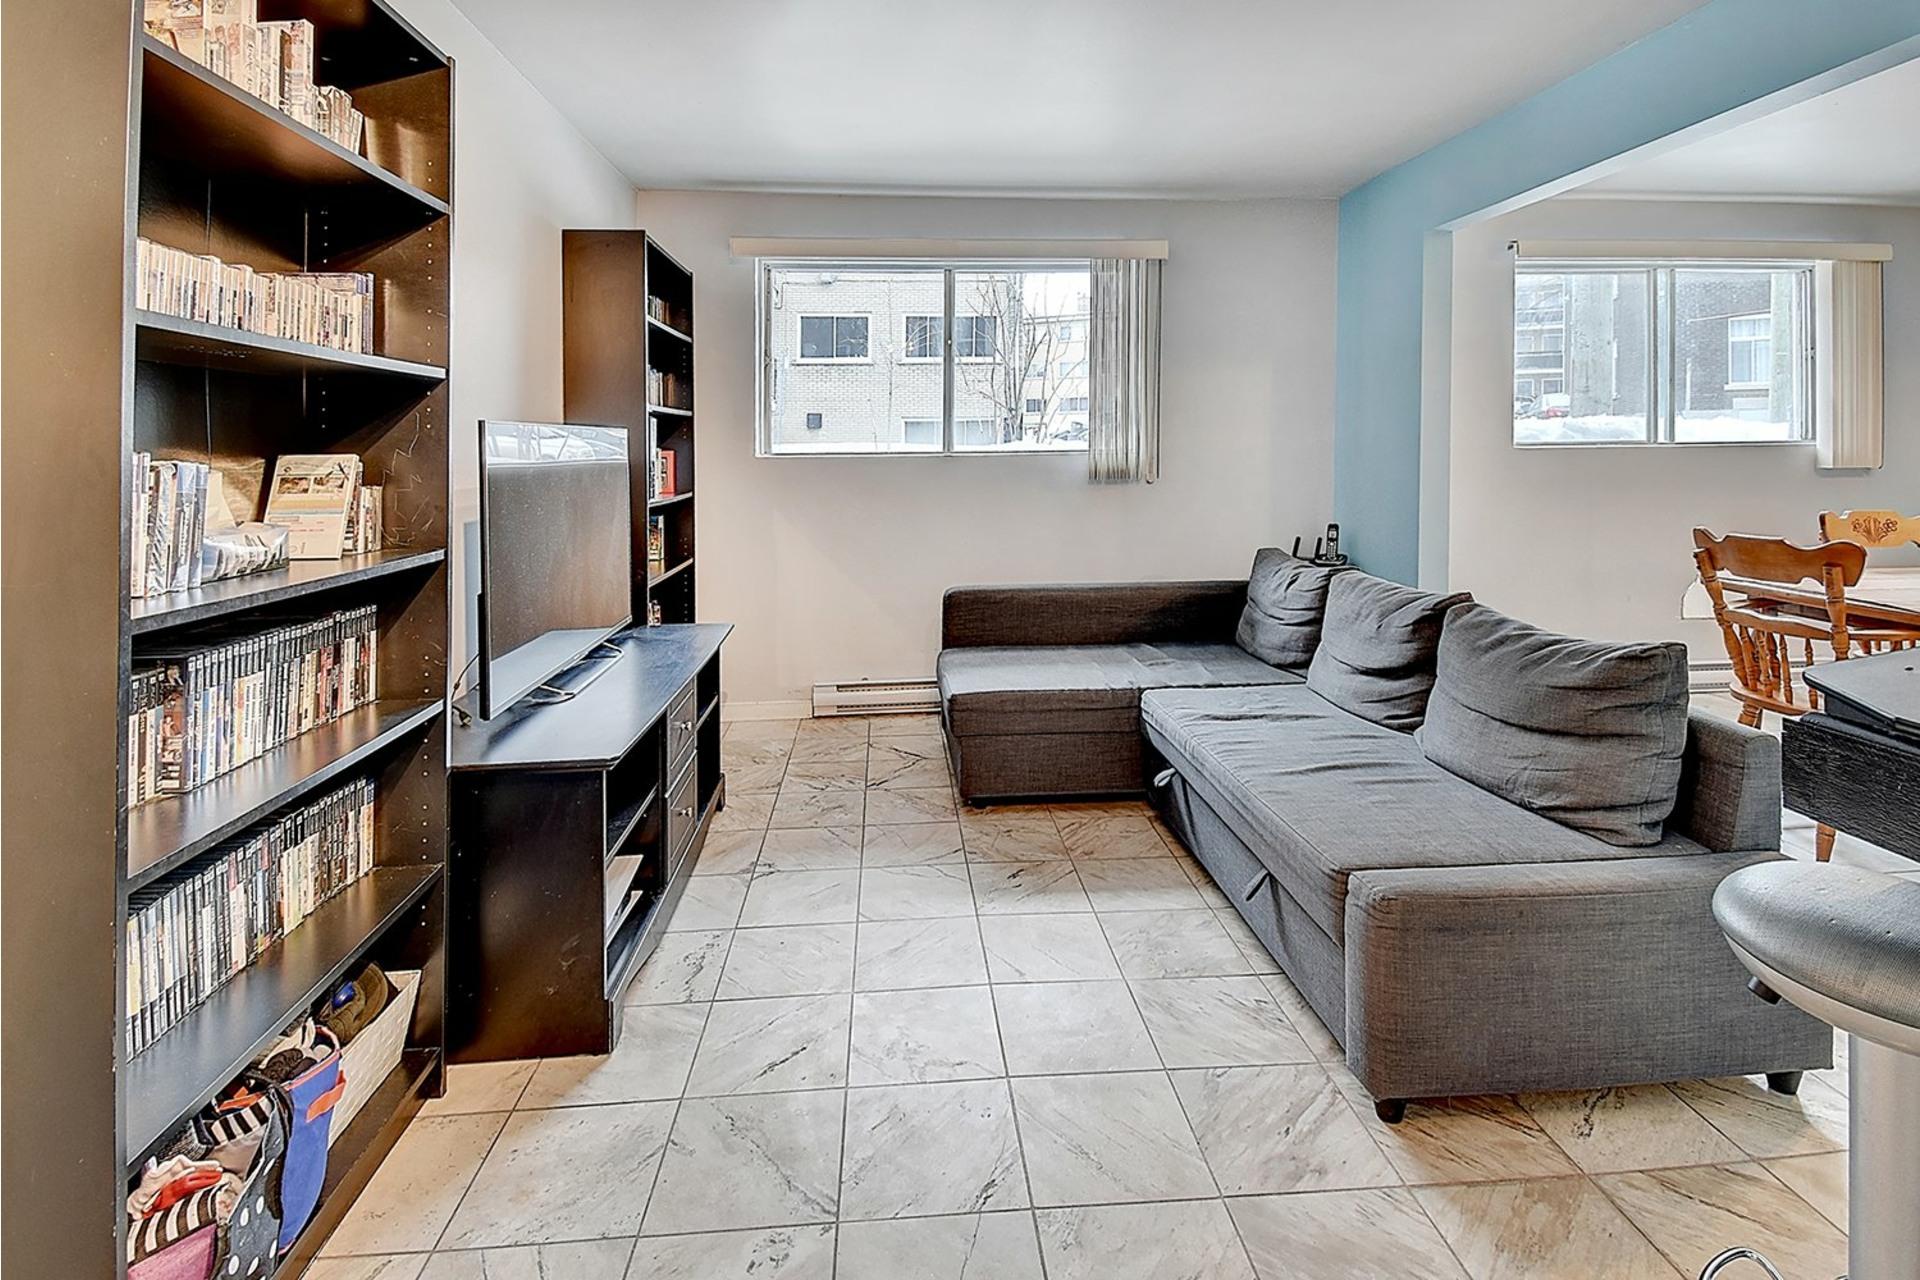 image 3 - Appartement À vendre Verdun/Île-des-Soeurs Montréal  - 7 pièces